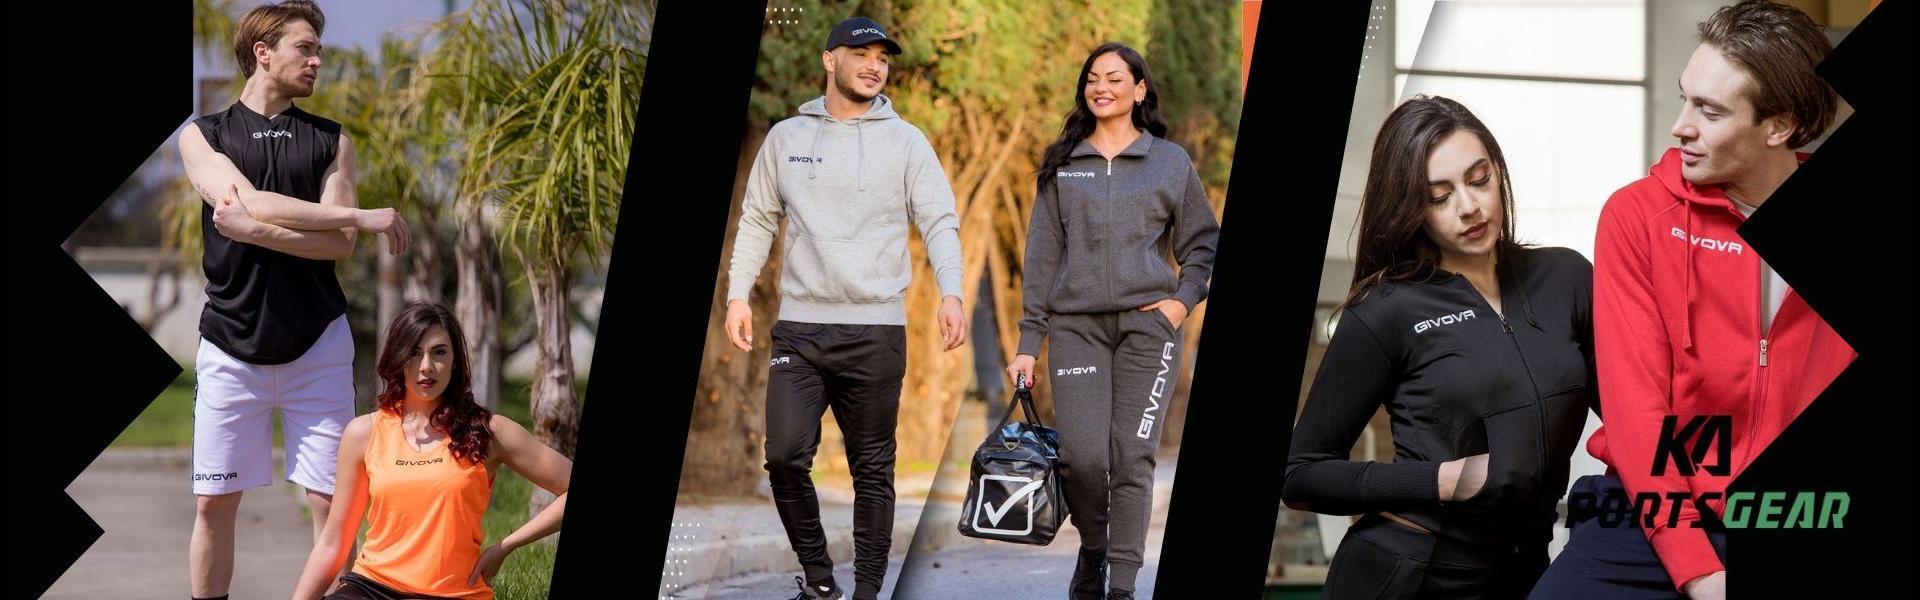 Givova - sportswear til fritid og sport